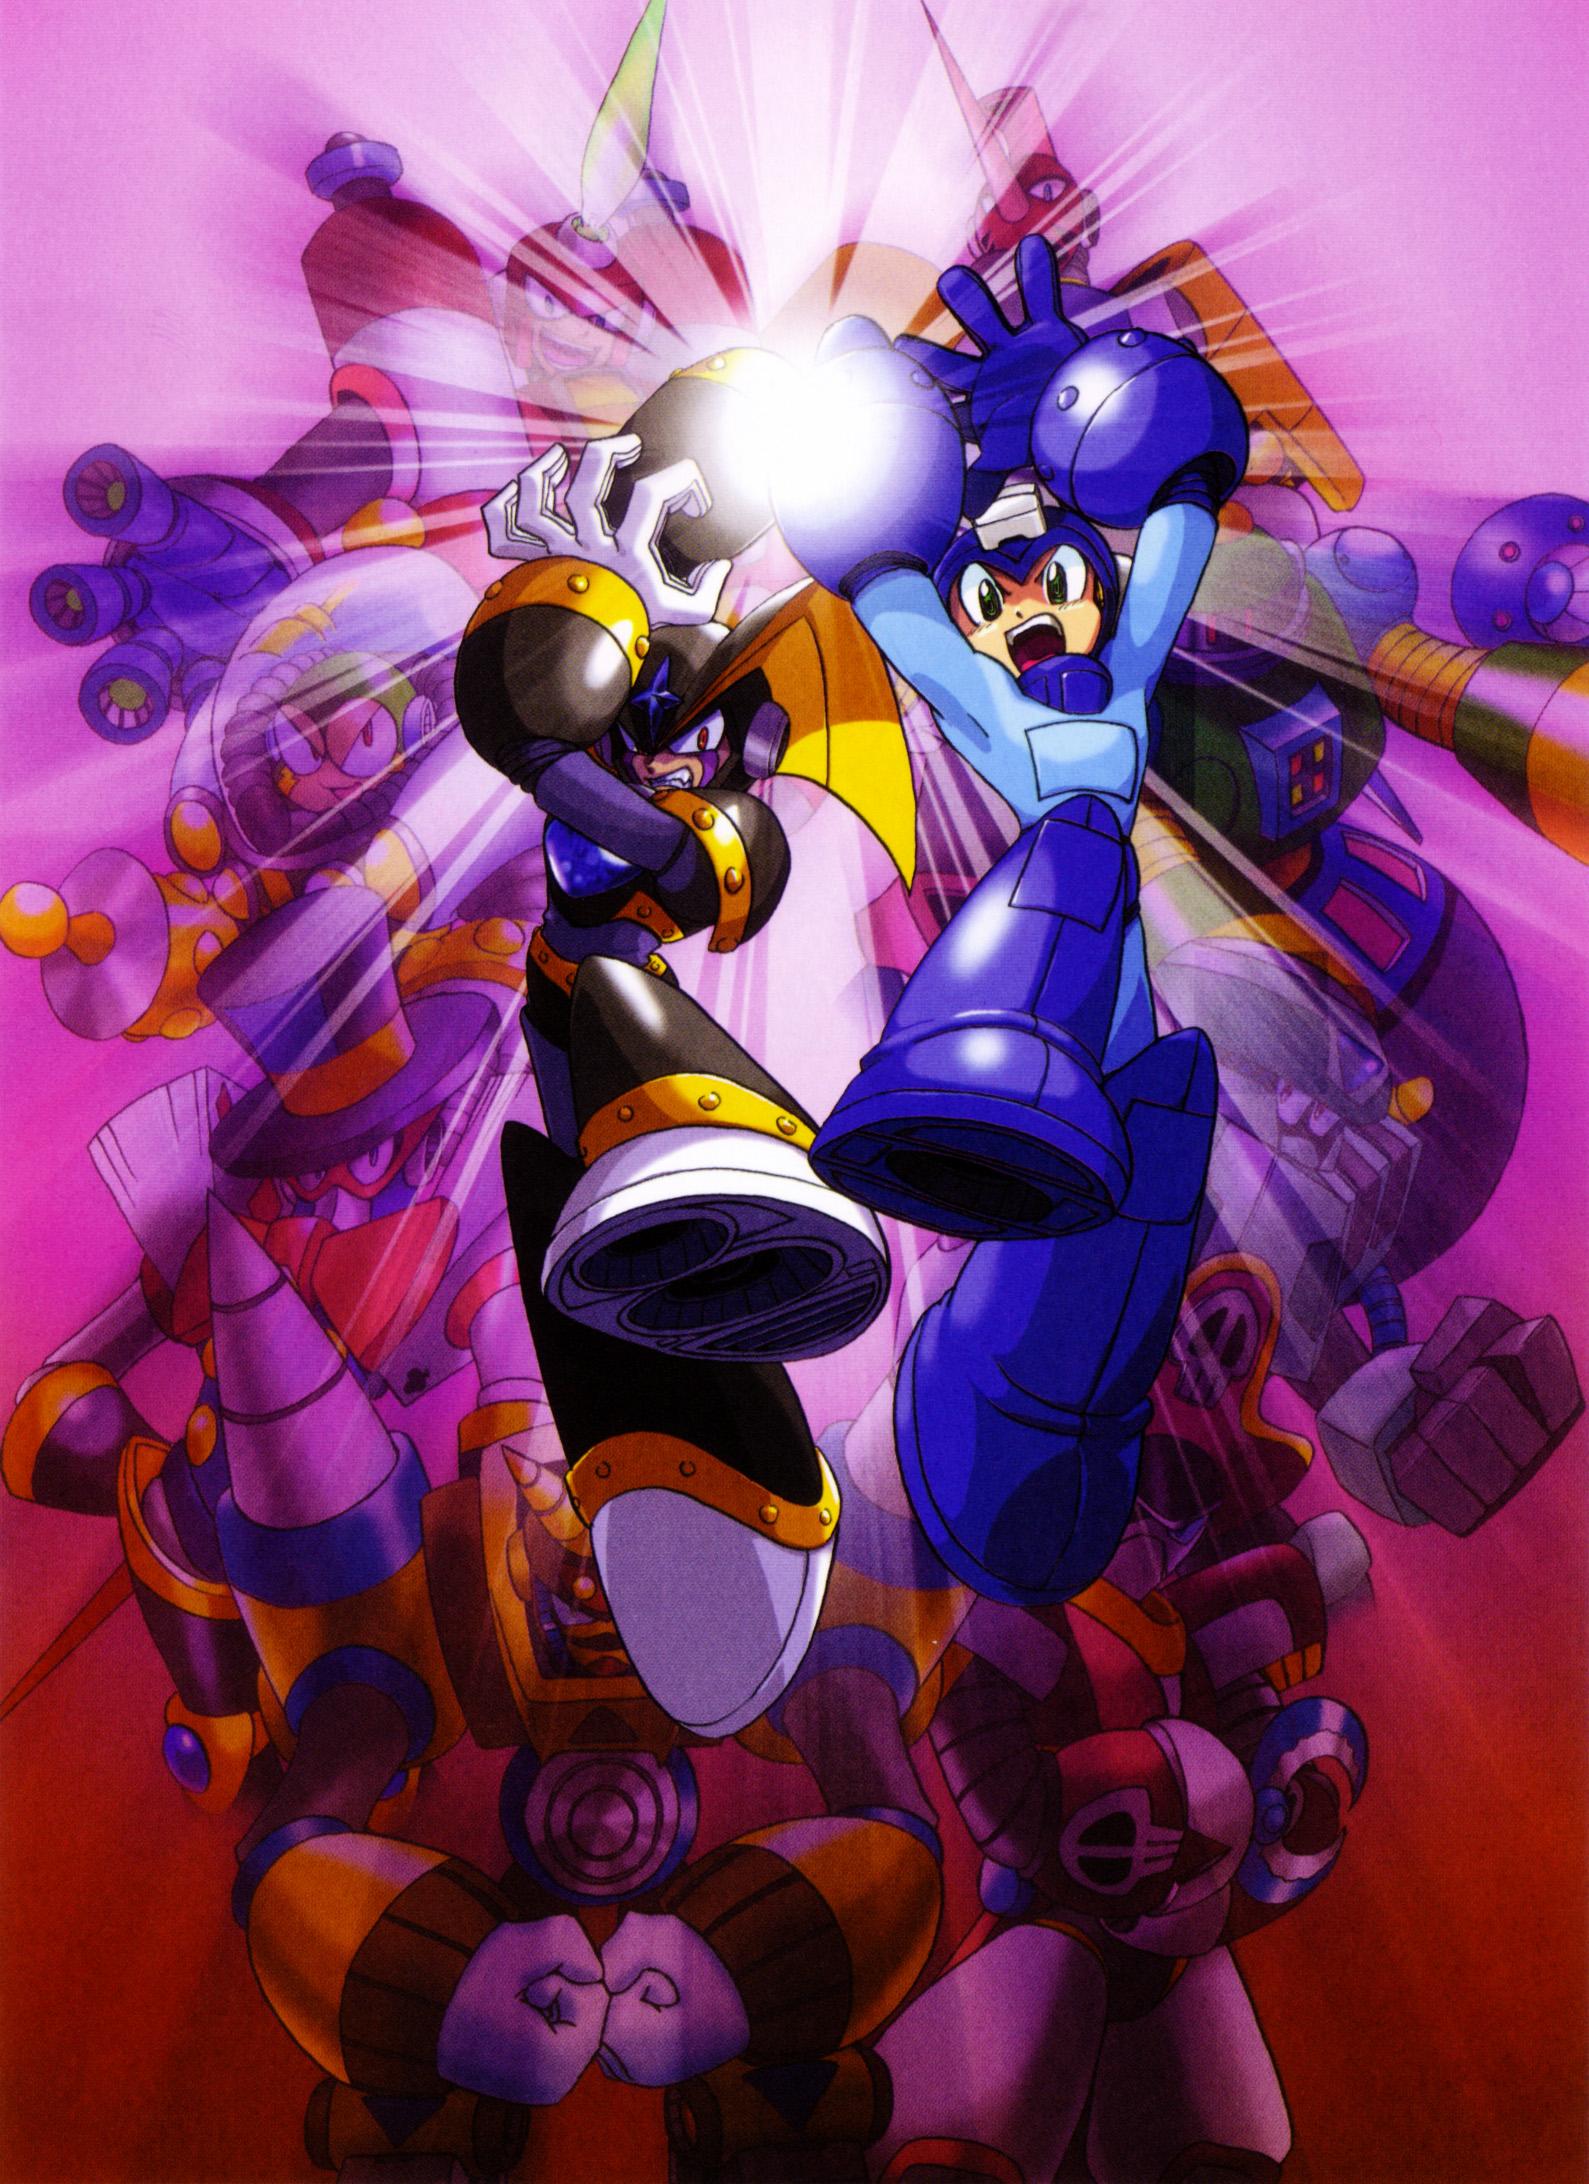 Mega Man & Bass, er, Rockman & Forte, rocks